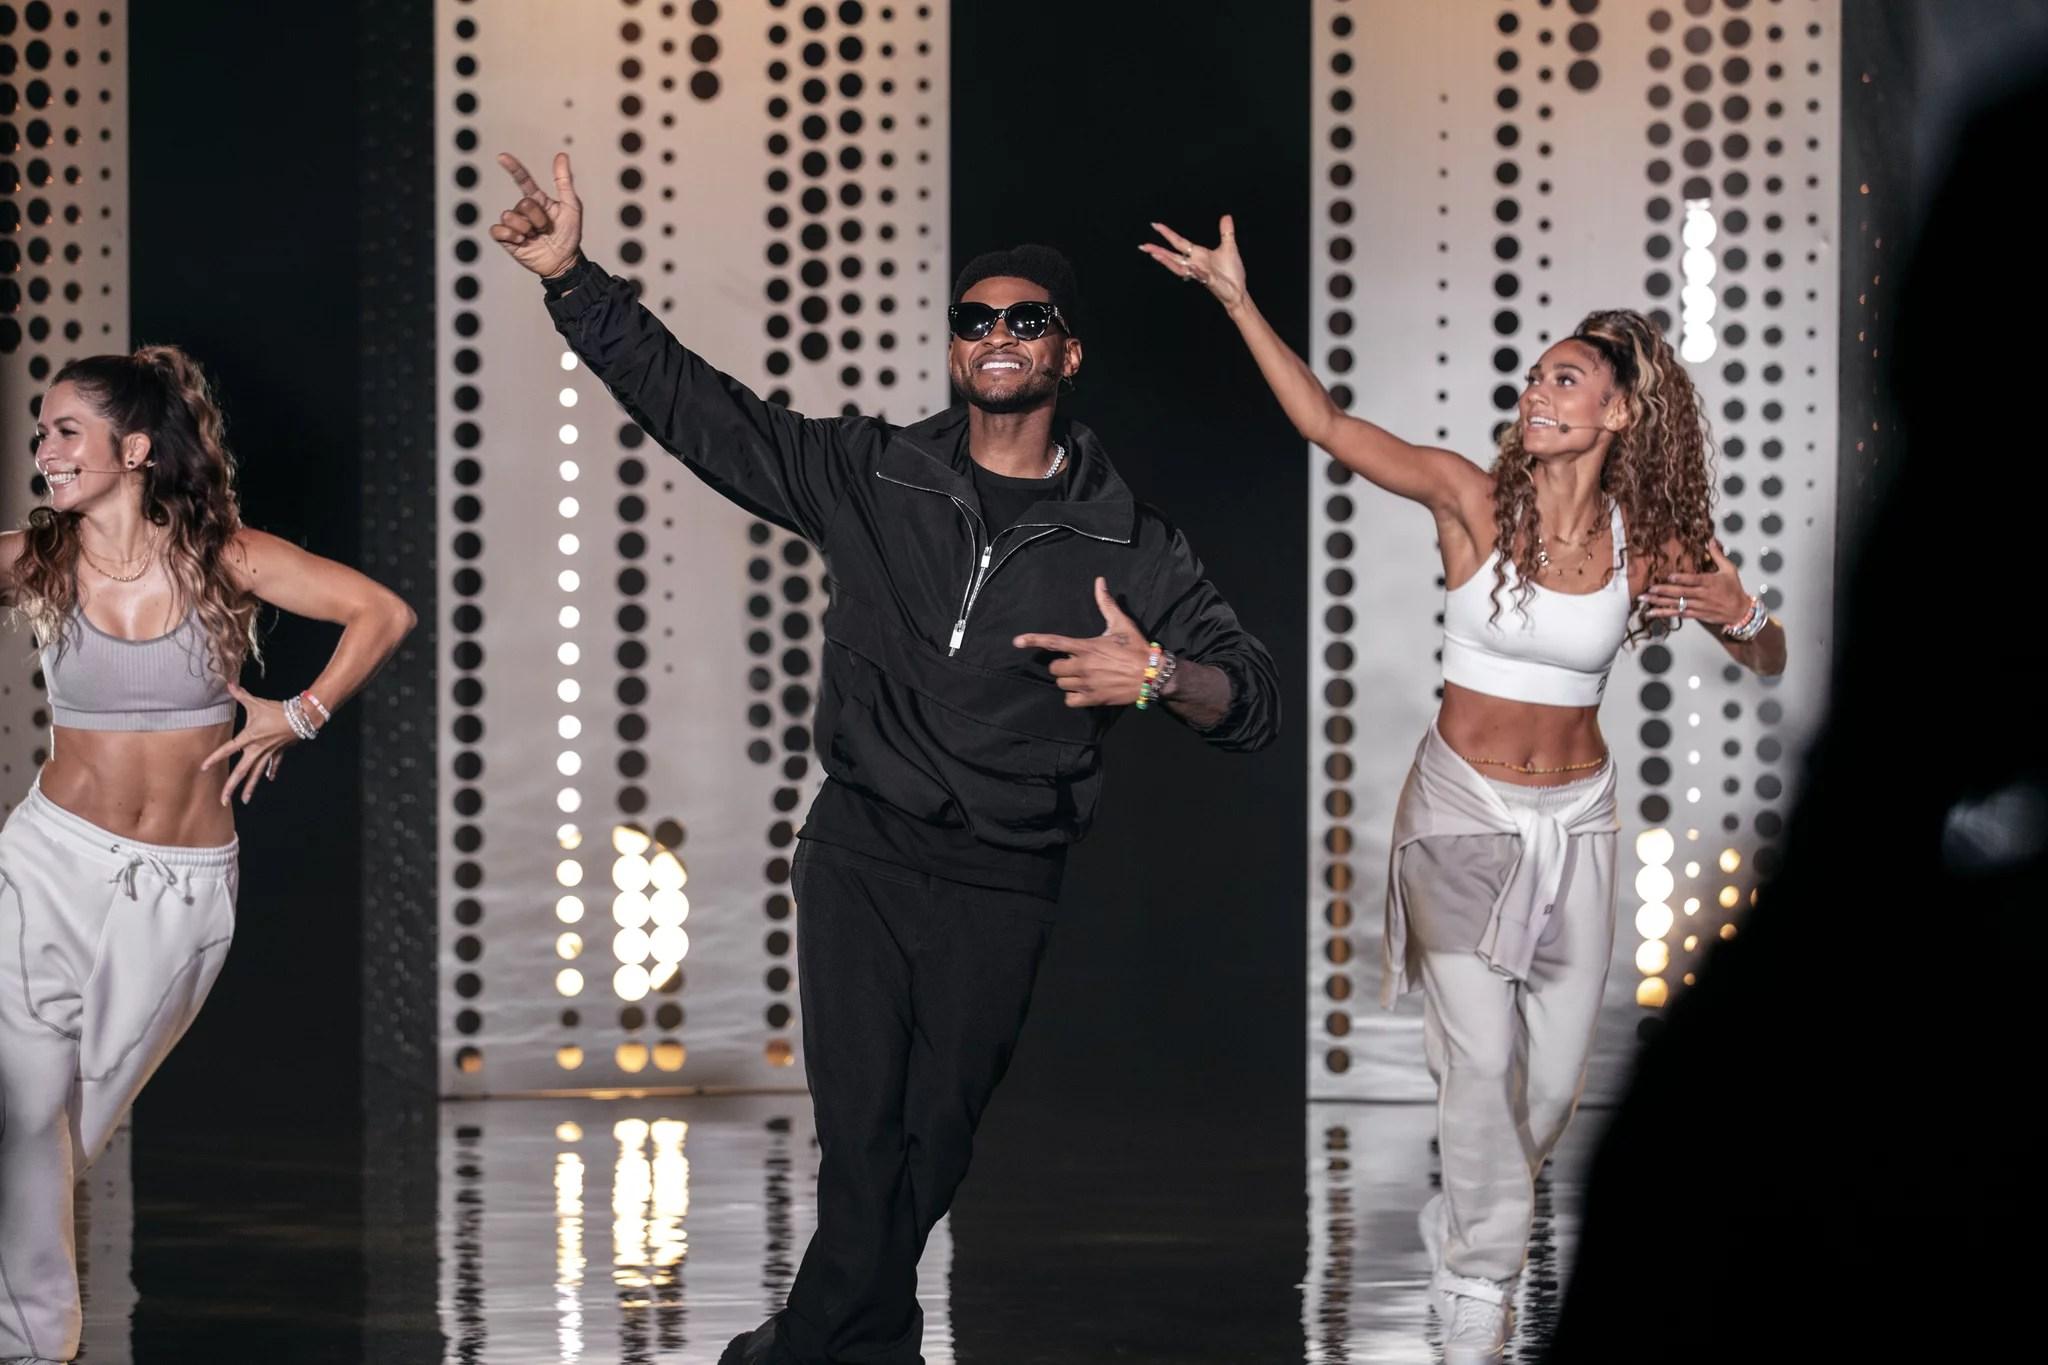 Usher Peloton Dance Cardio